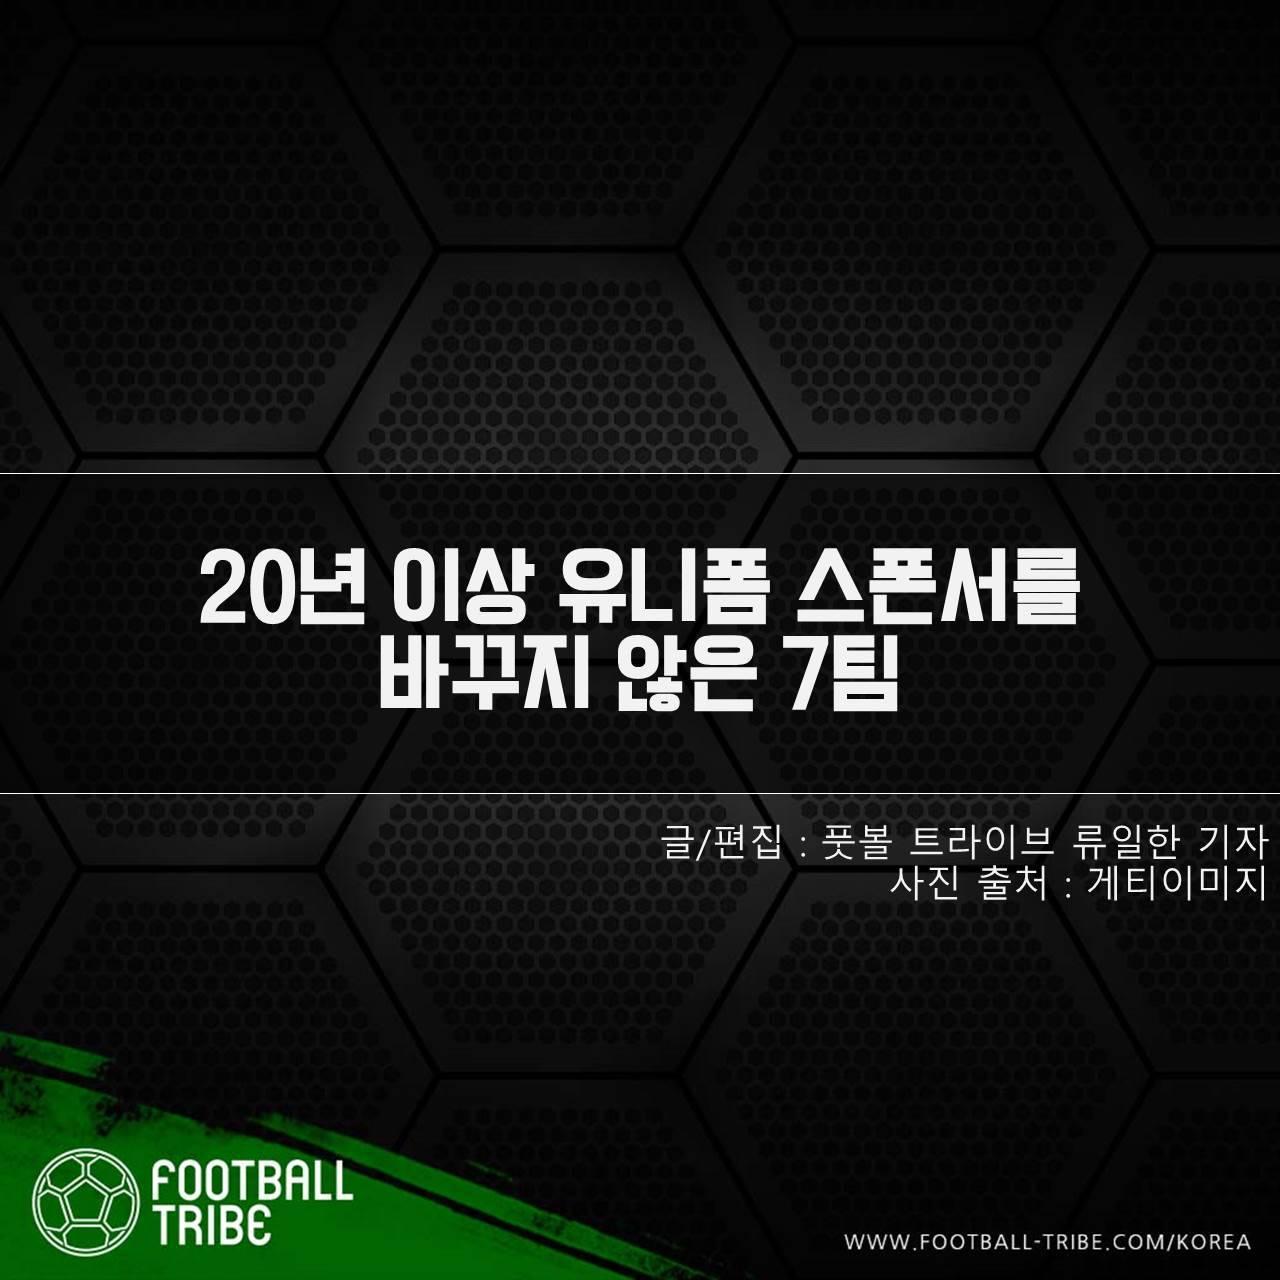 [카드 뉴스] 20년 이상 유니폼 스폰서를 바꾸지 않은 7팀